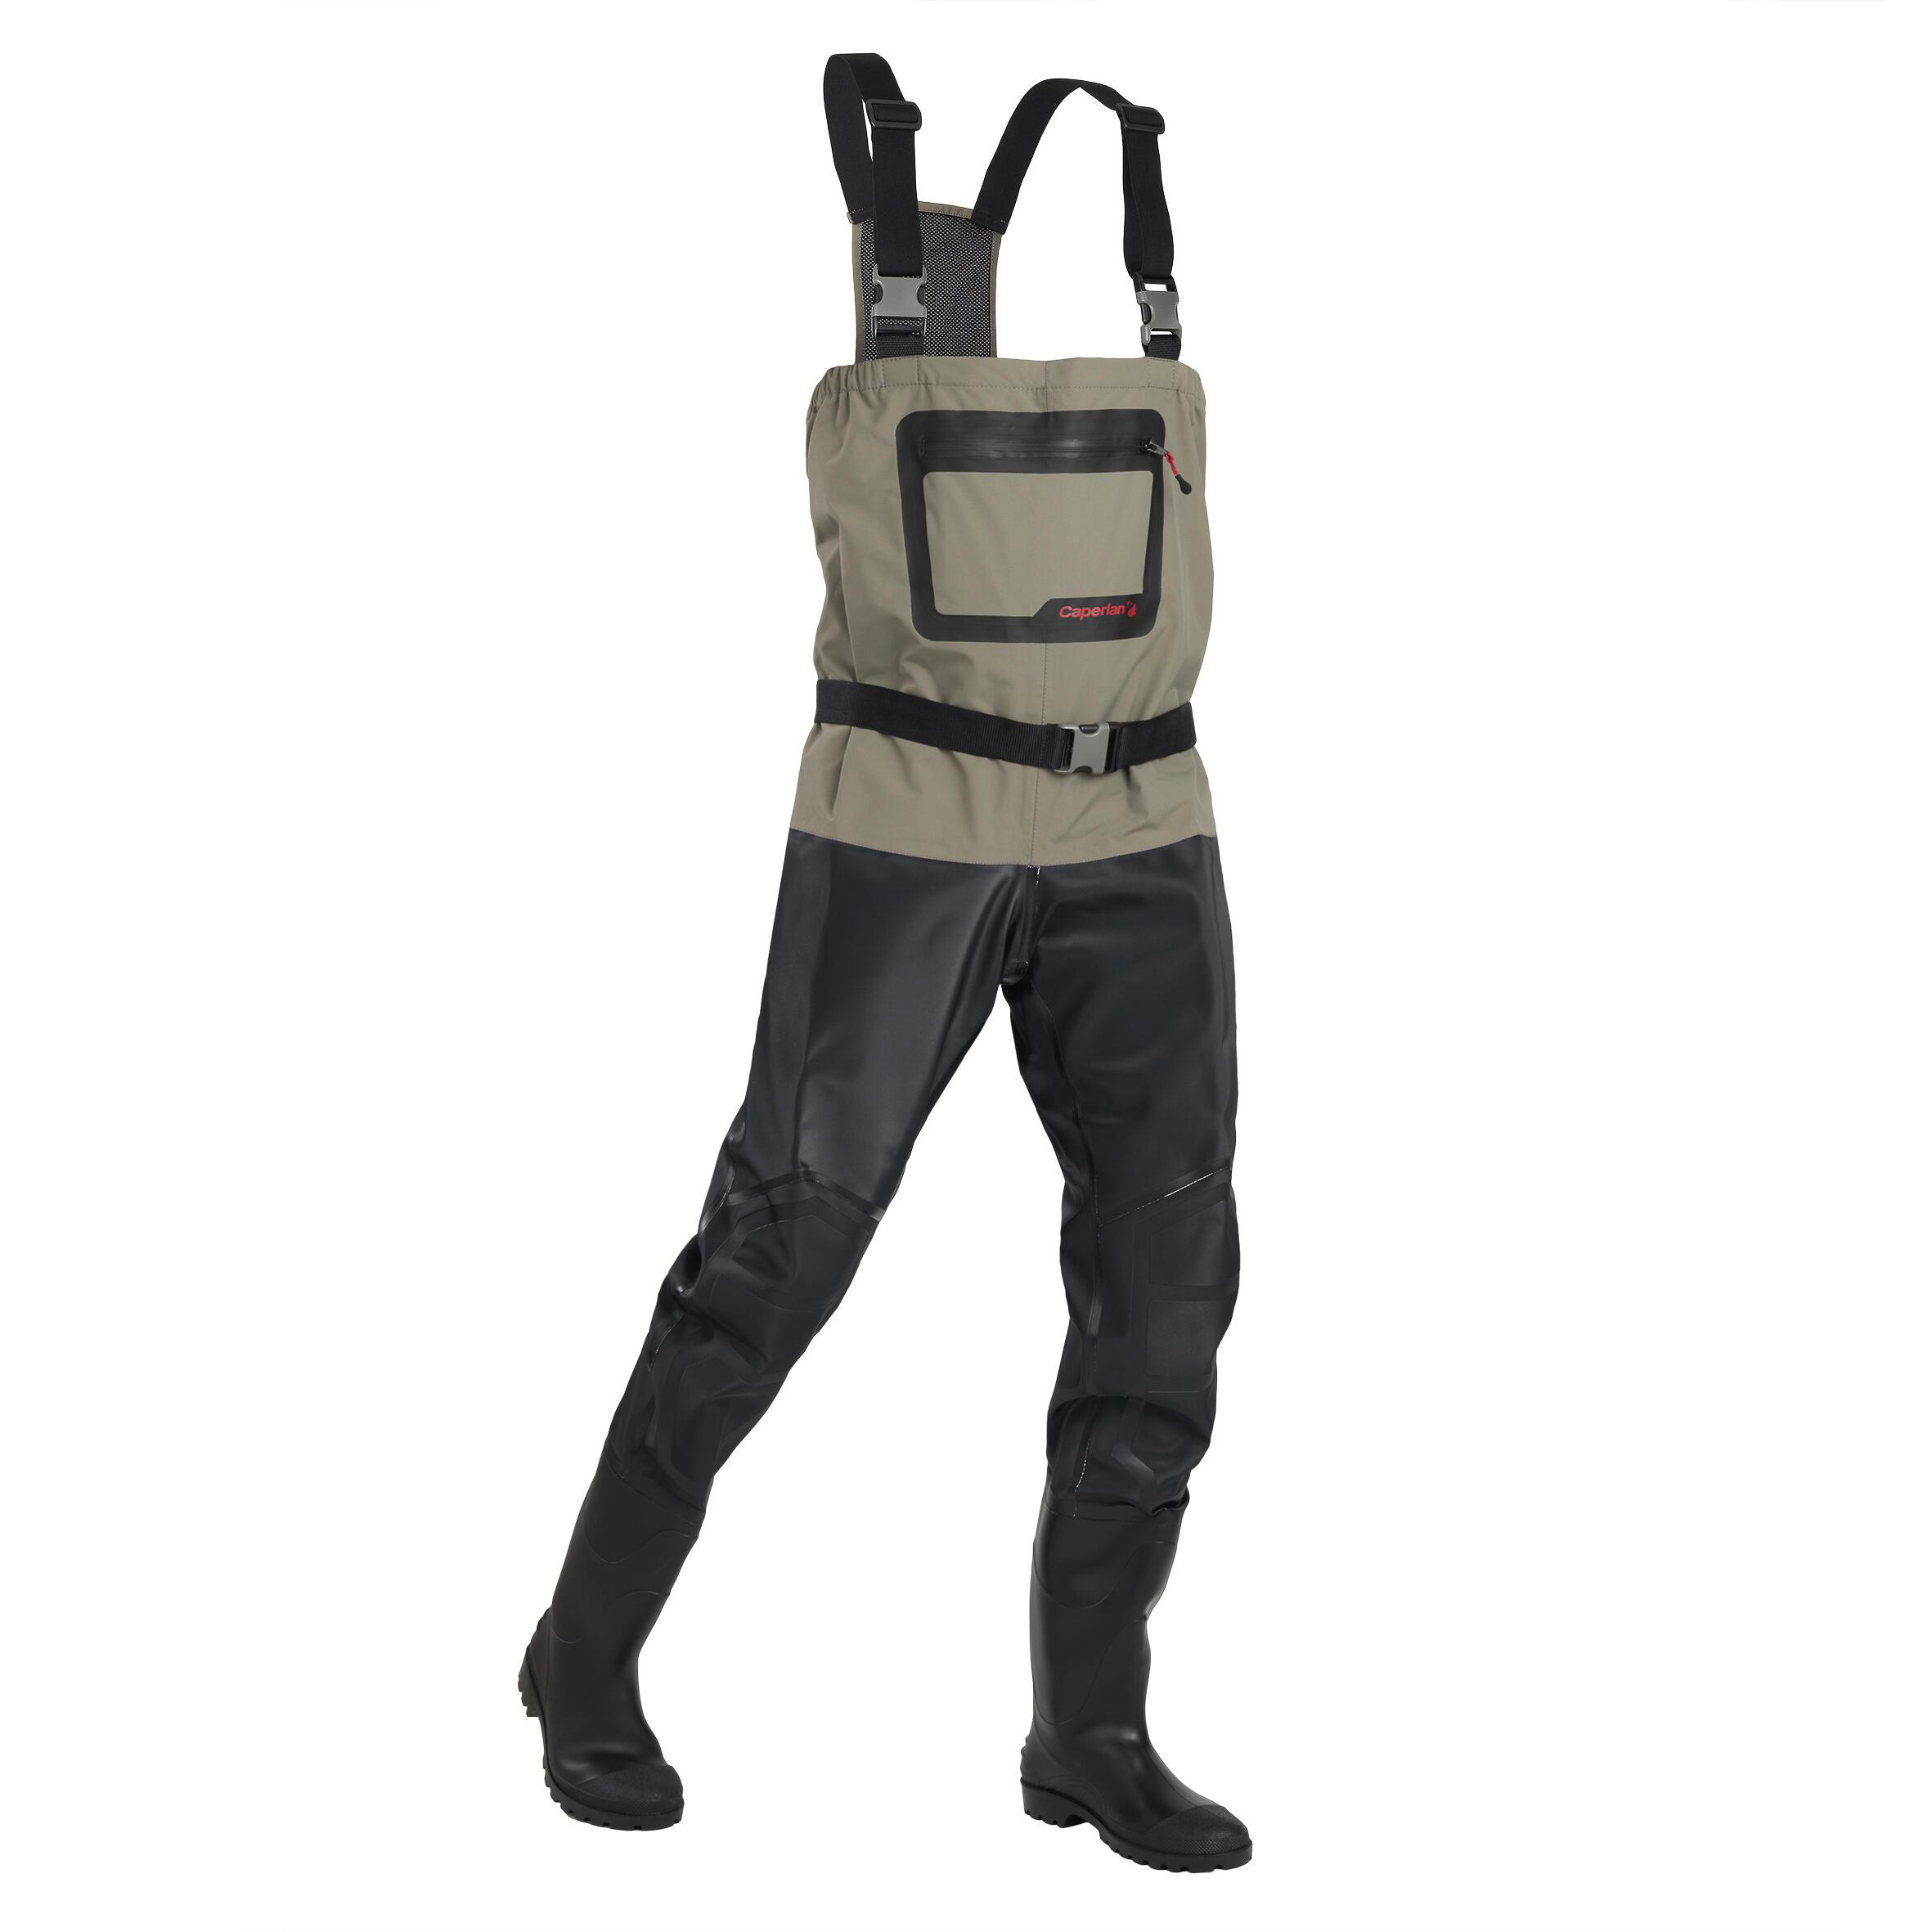 pantalon de p/êche cuissardes noires Waders jusqu/à la taille